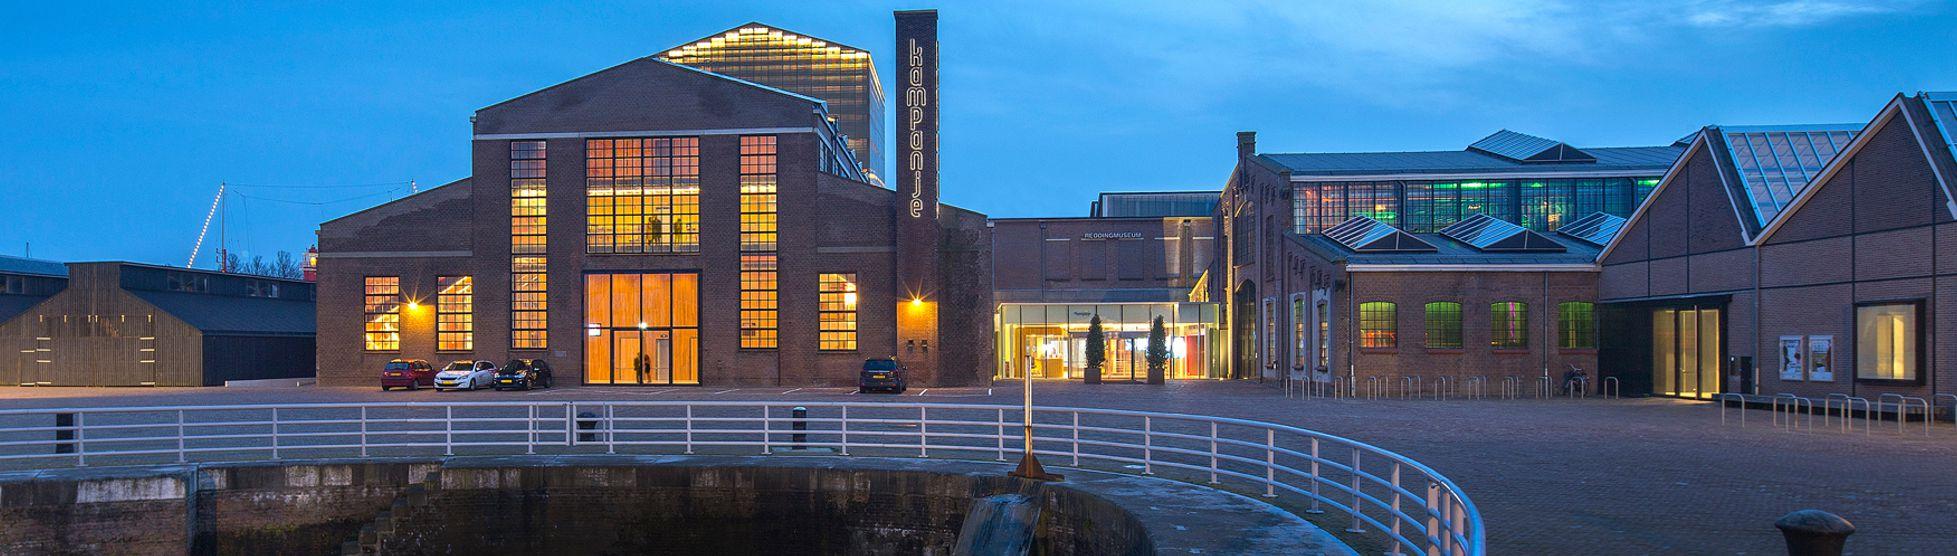 Spraakmakend gebouw Schouwburg Kampanje krijgt duurzame installatie